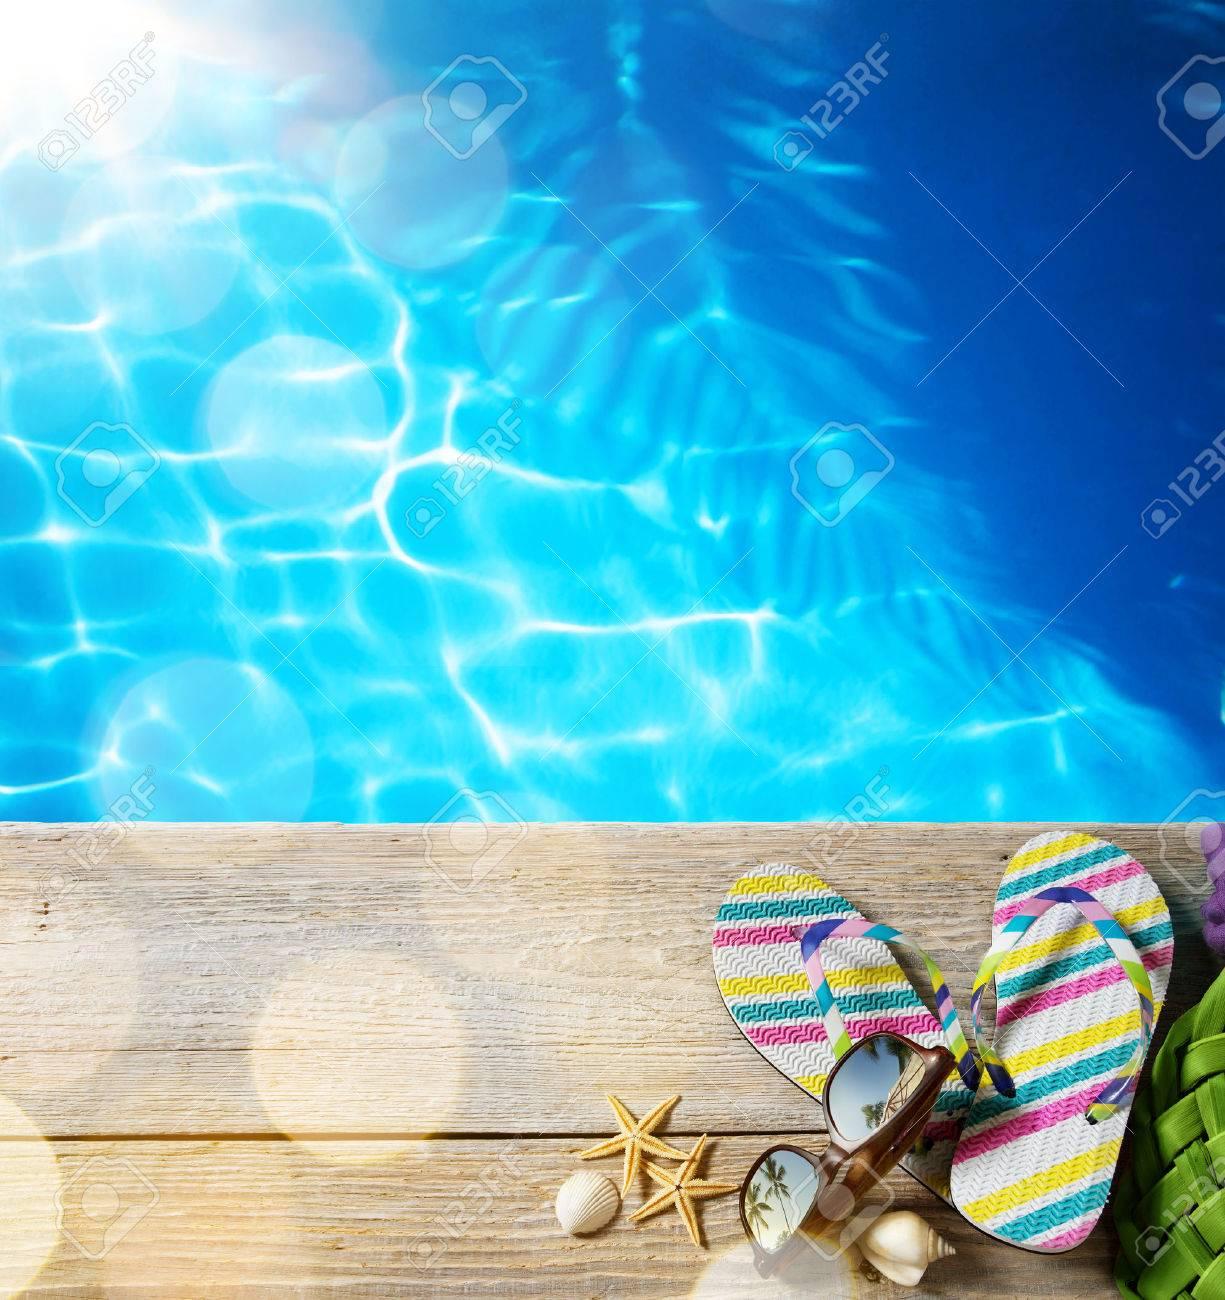 ar beach summer;  beach accessories Stock Photo - 40915232